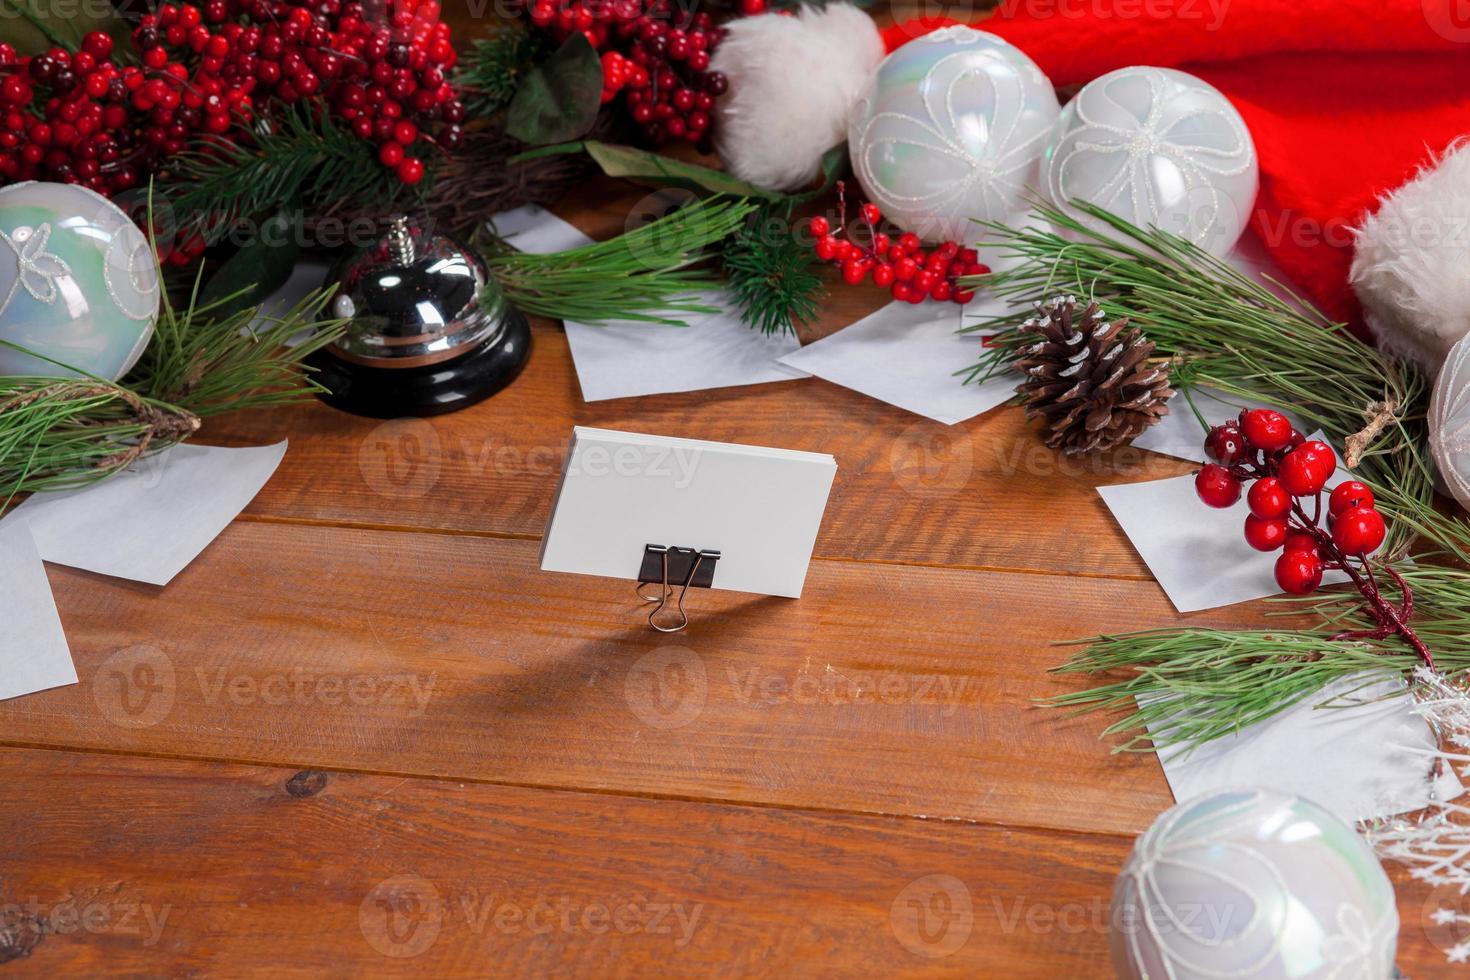 der Holztisch mit Weihnachtsschmuck foto